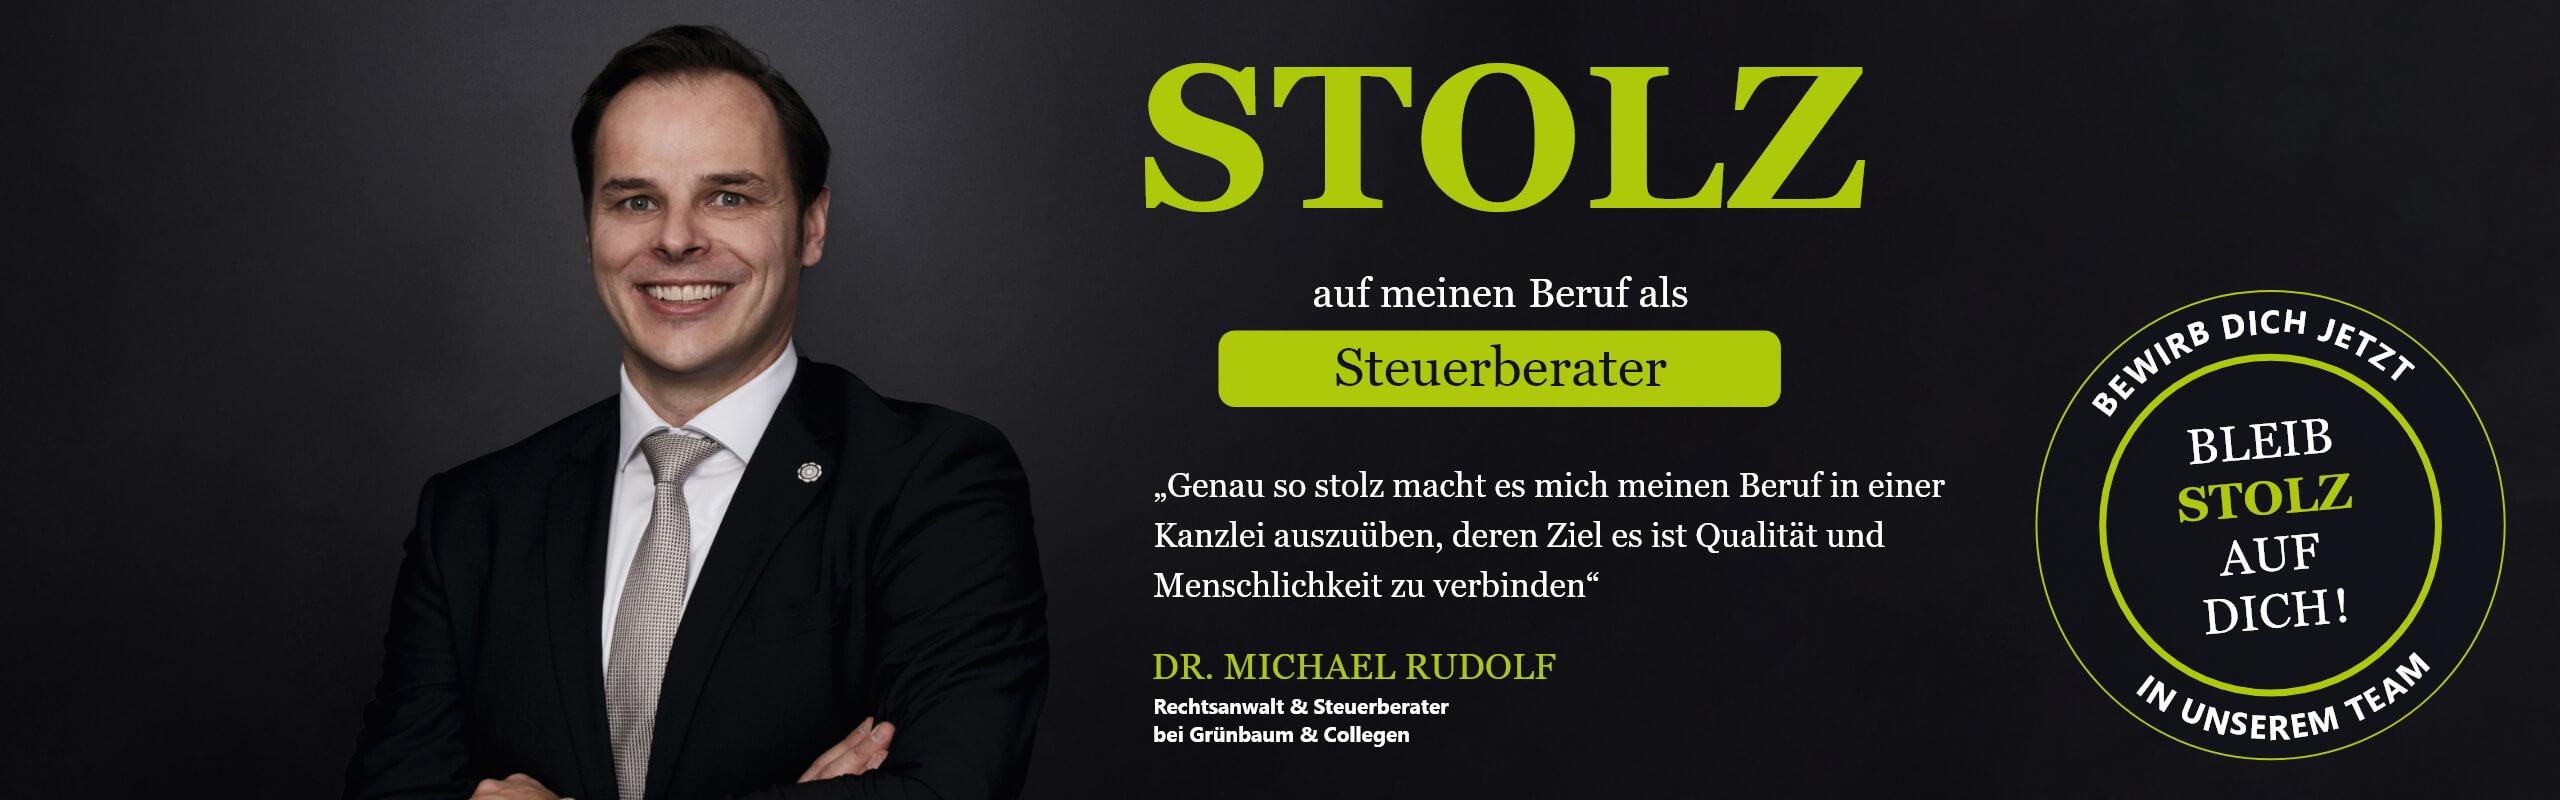 Steuerberater (m/w/d) in Bayreuth